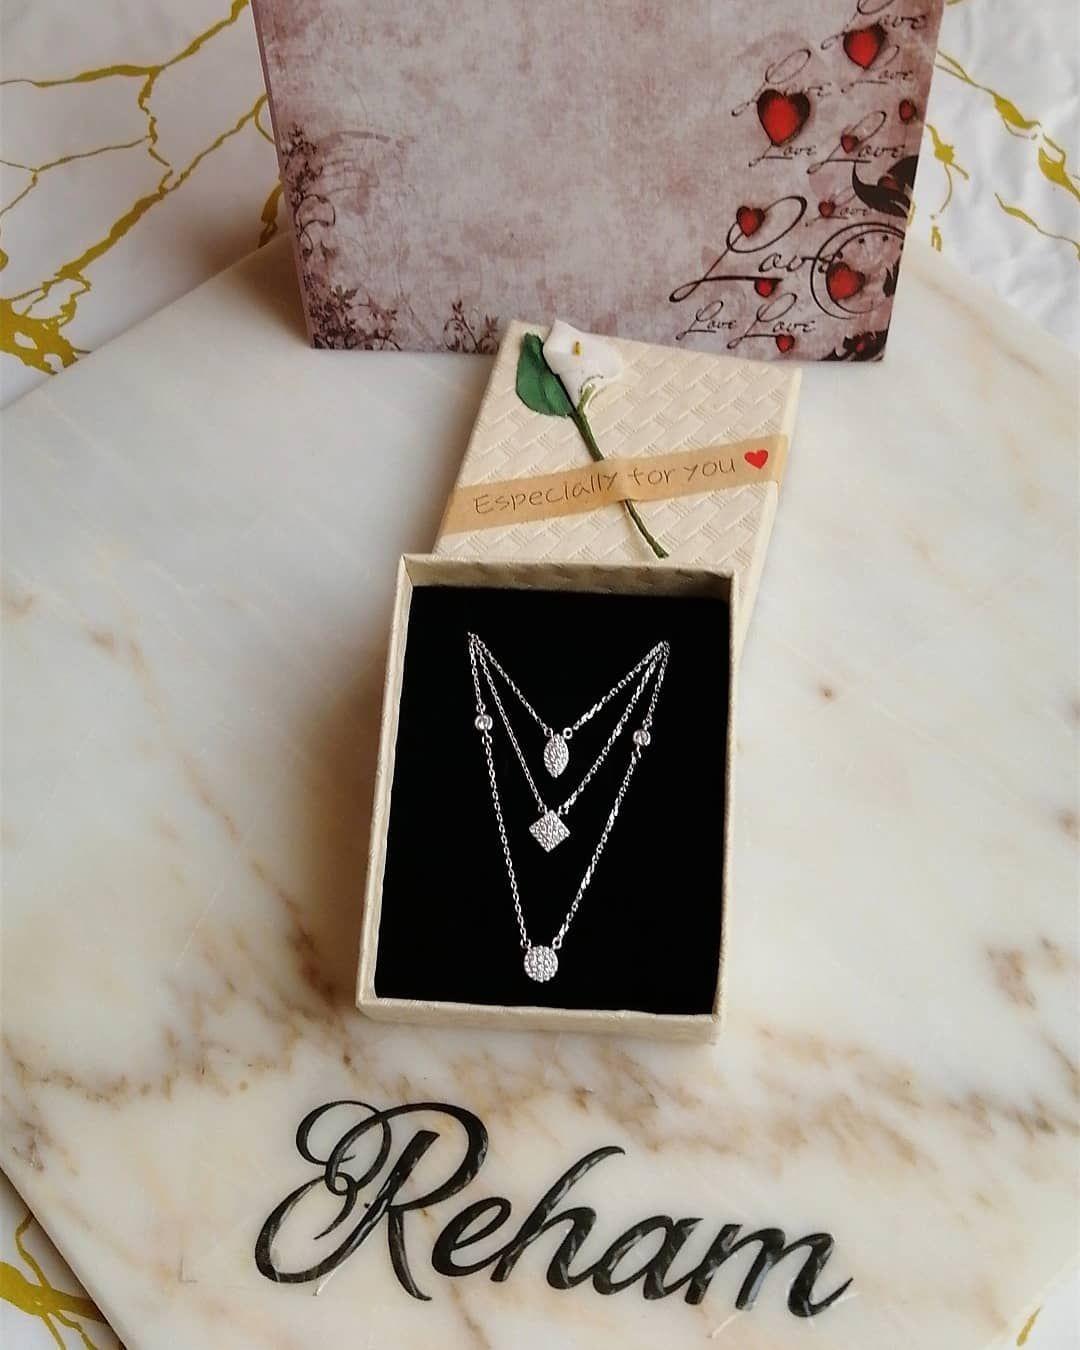 تصويري صباح الخير السعادة يوم جميل إبداع روعة روقان جدة Love Good Morning Coffee Flowers Jewelry Sliver Necklace Fas In 2020 Gift Wrapping Gifts Pins